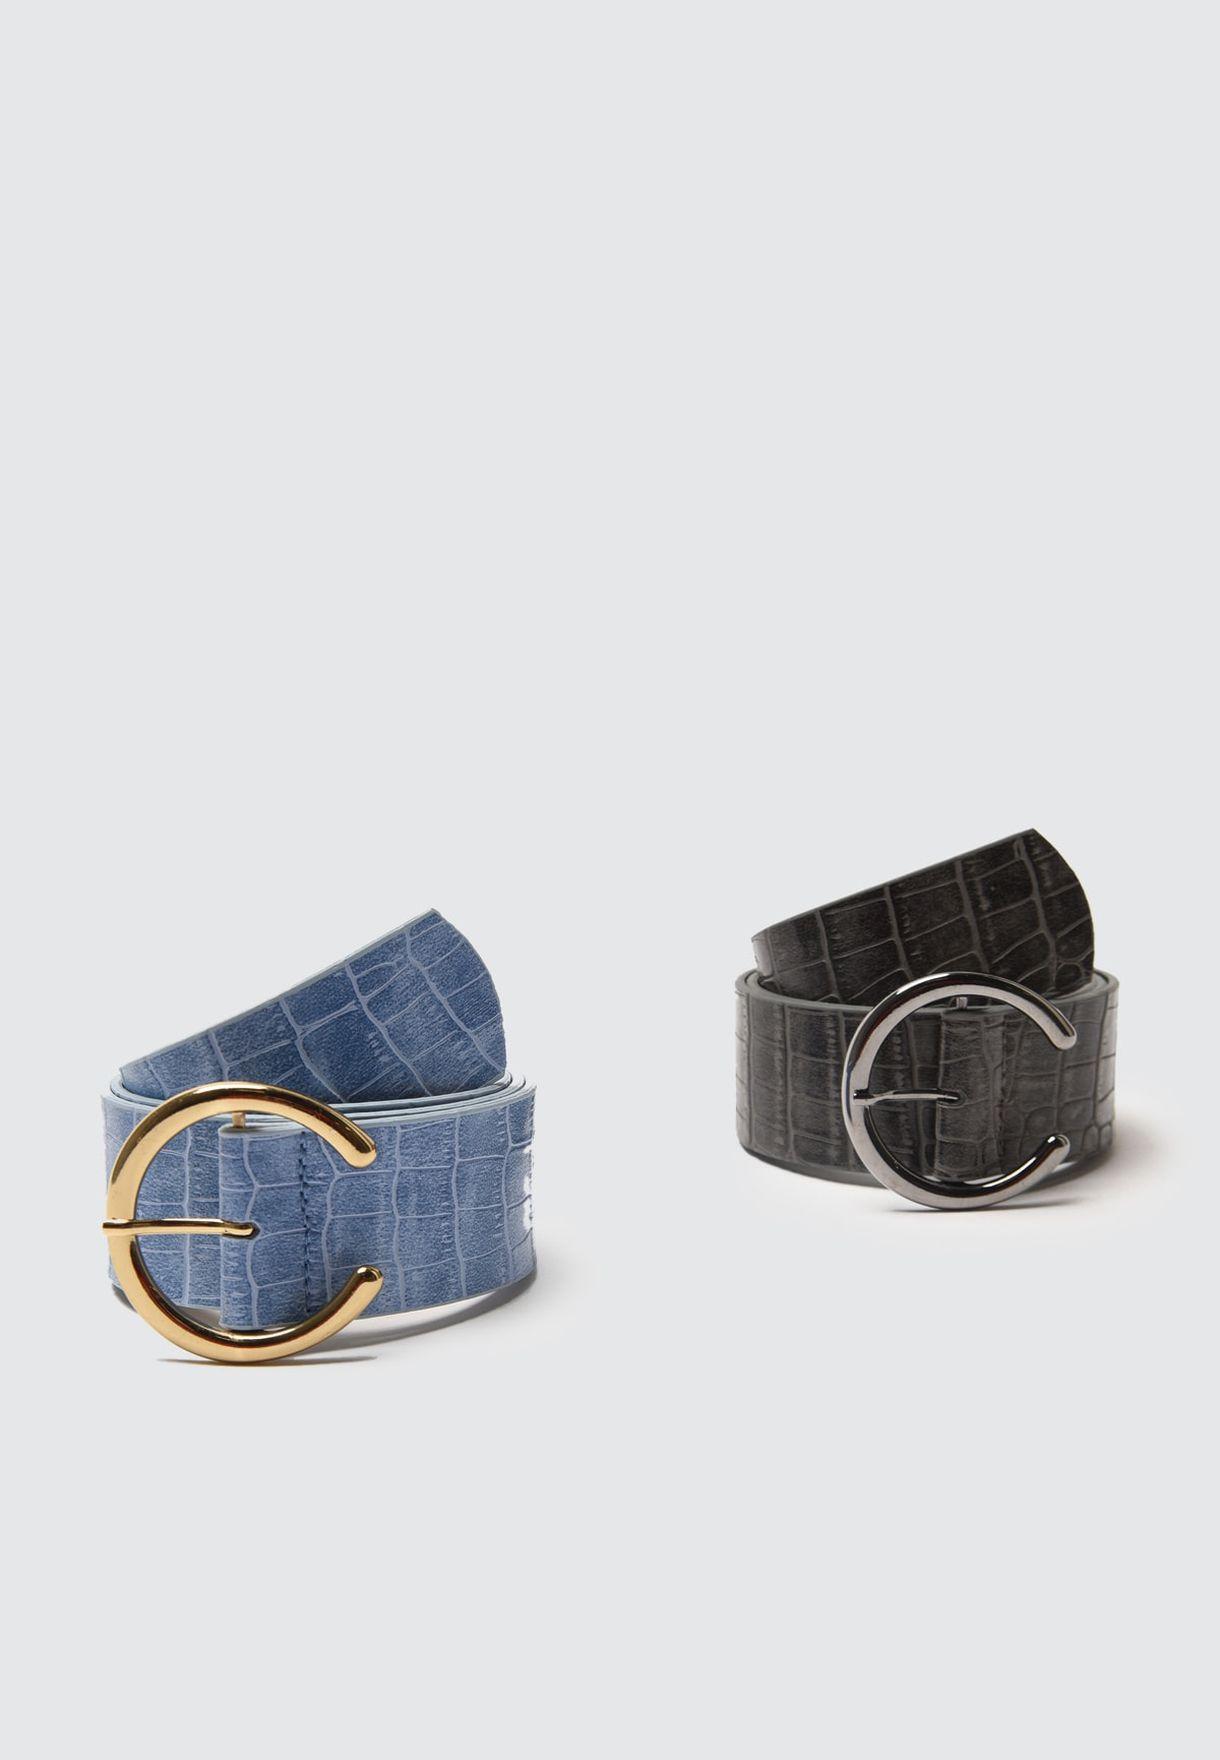 Leather Buckled Belt Set